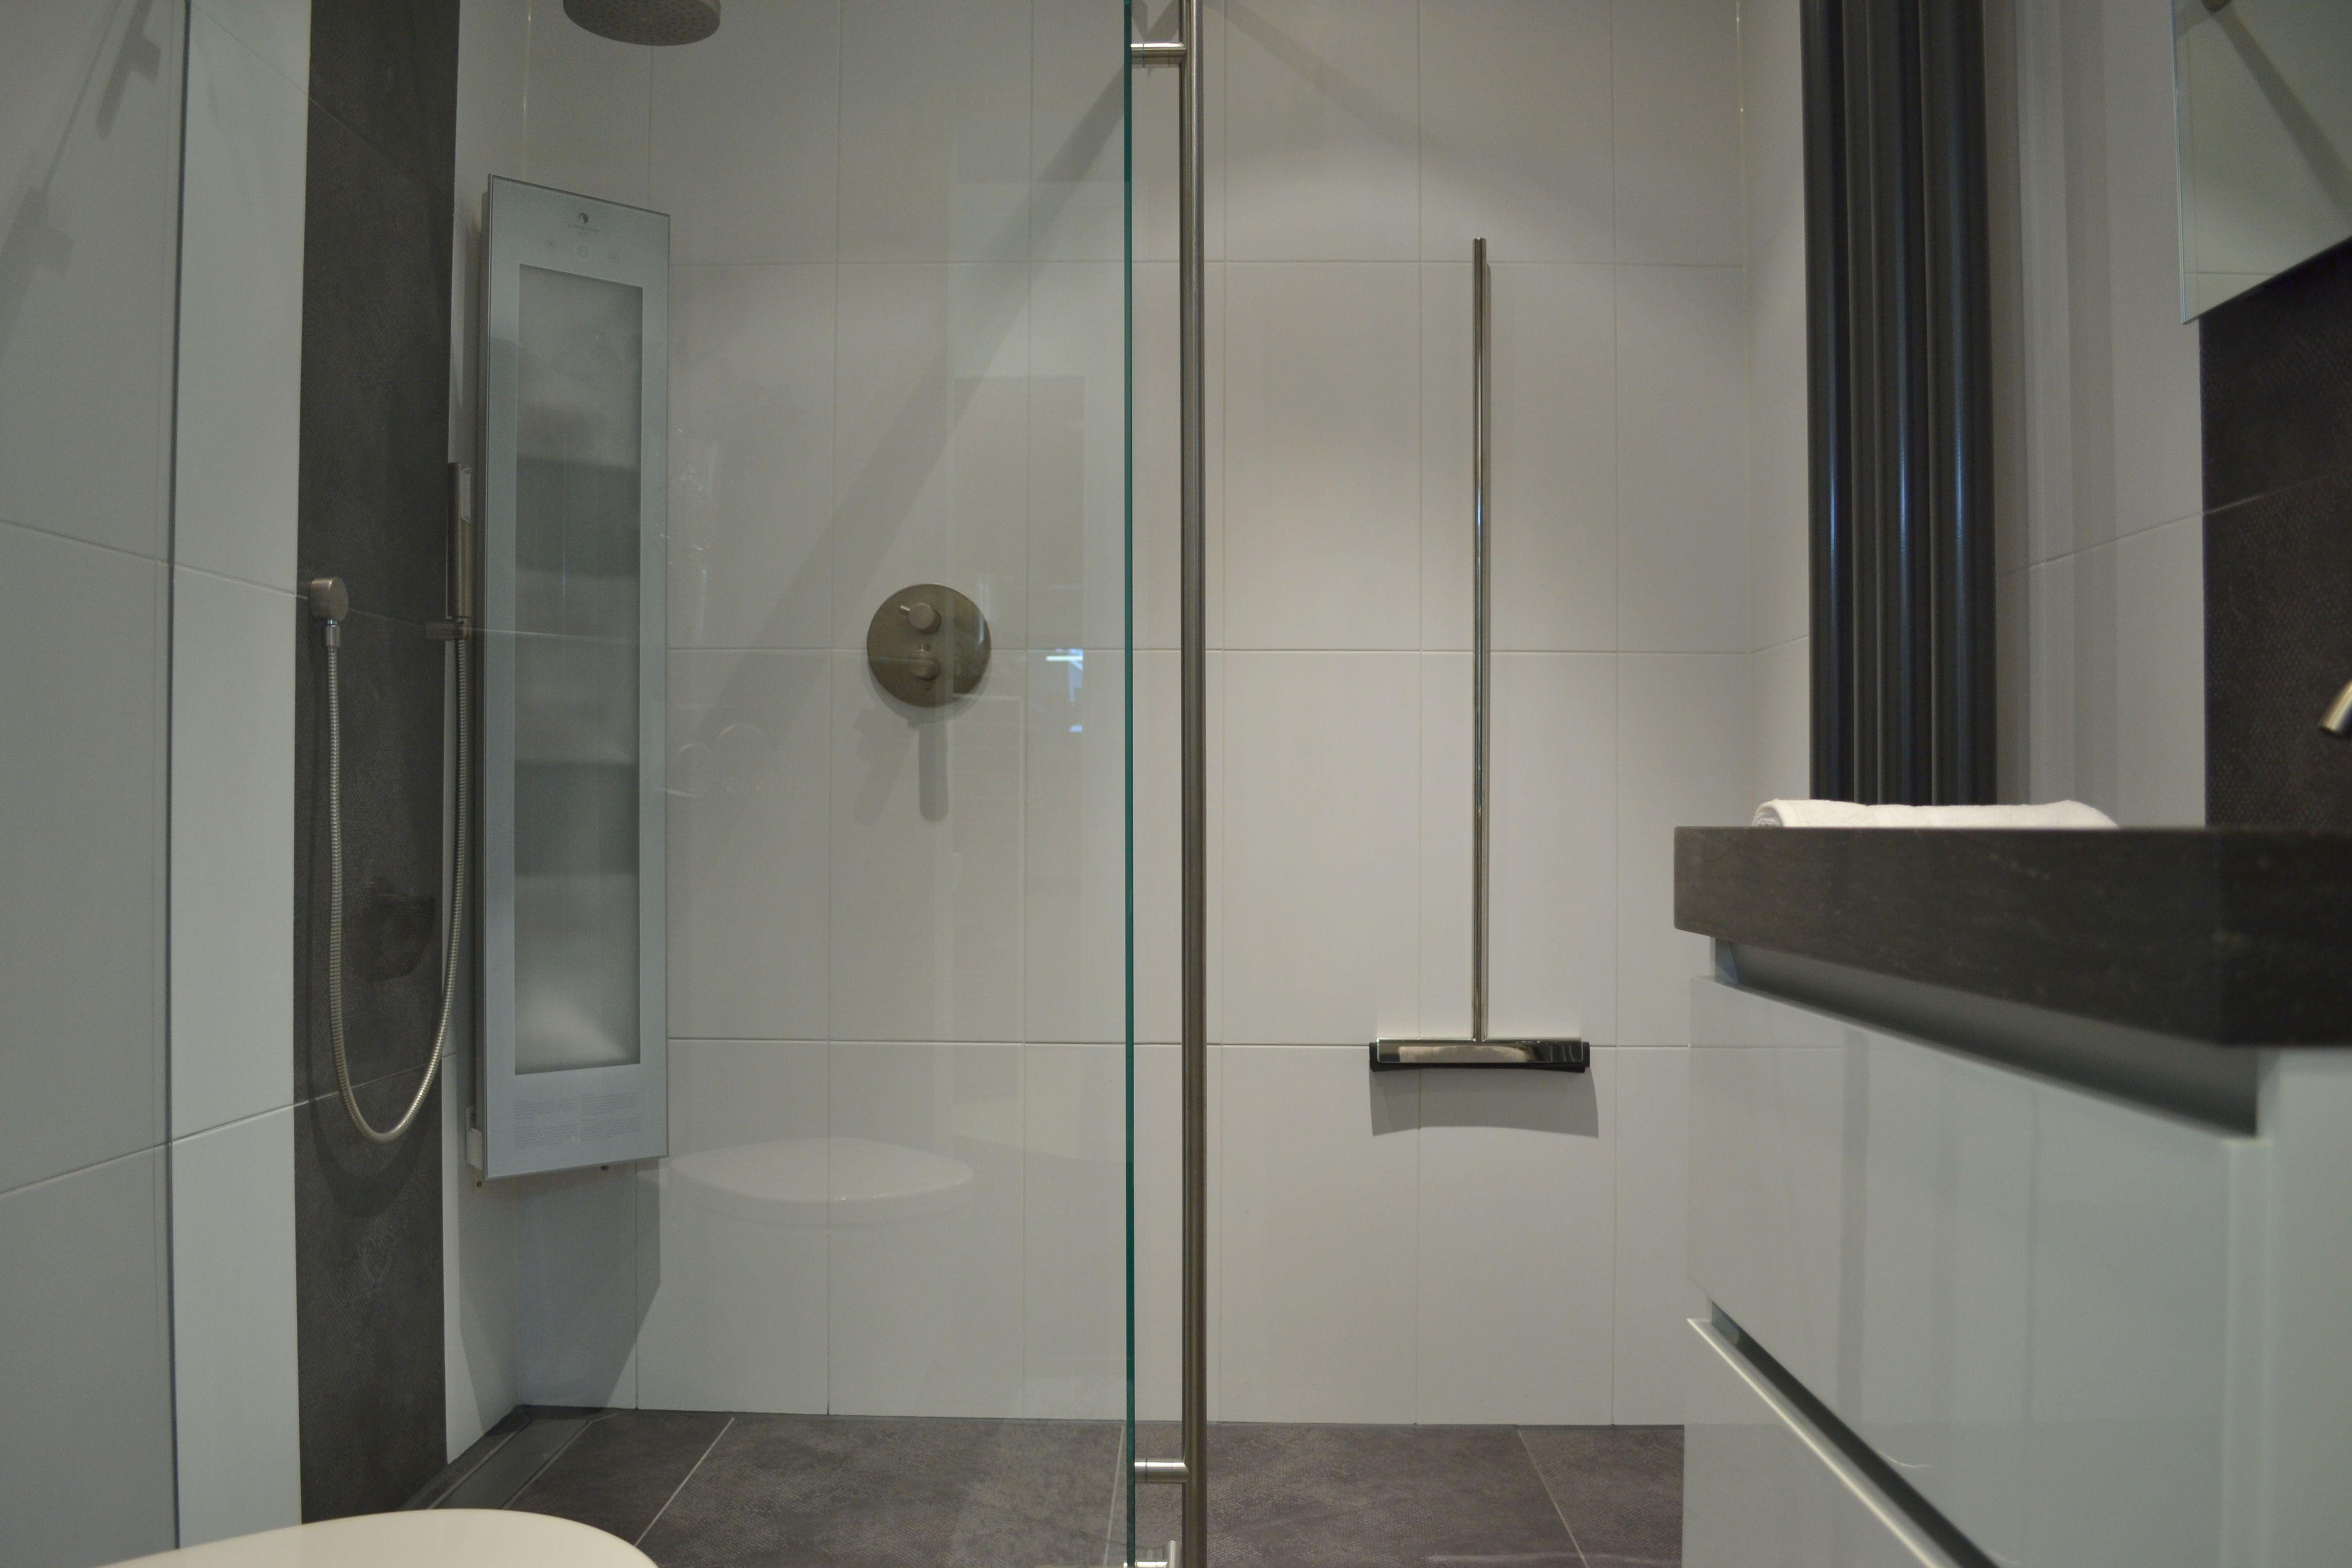 Rvs Pedaalemmer Badkamer : Badkamerverlichting rvs born stoere badkamer met rvs hout en